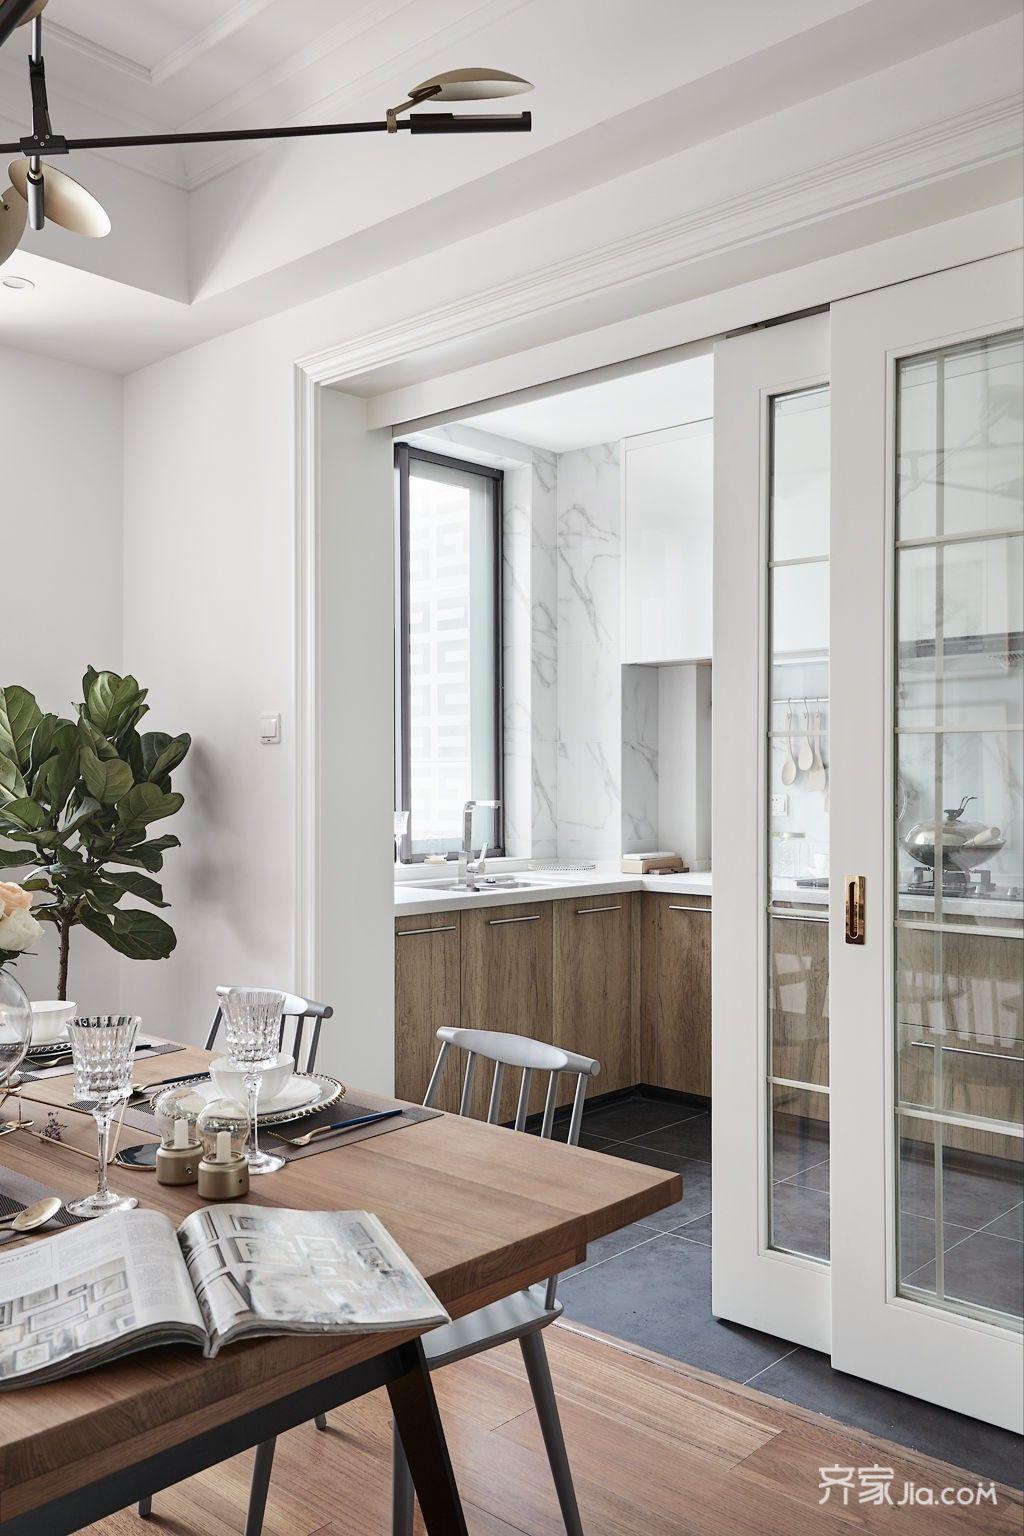 原先比较小的生活阳台改为餐厨补充吧台,增加餐厅空间.